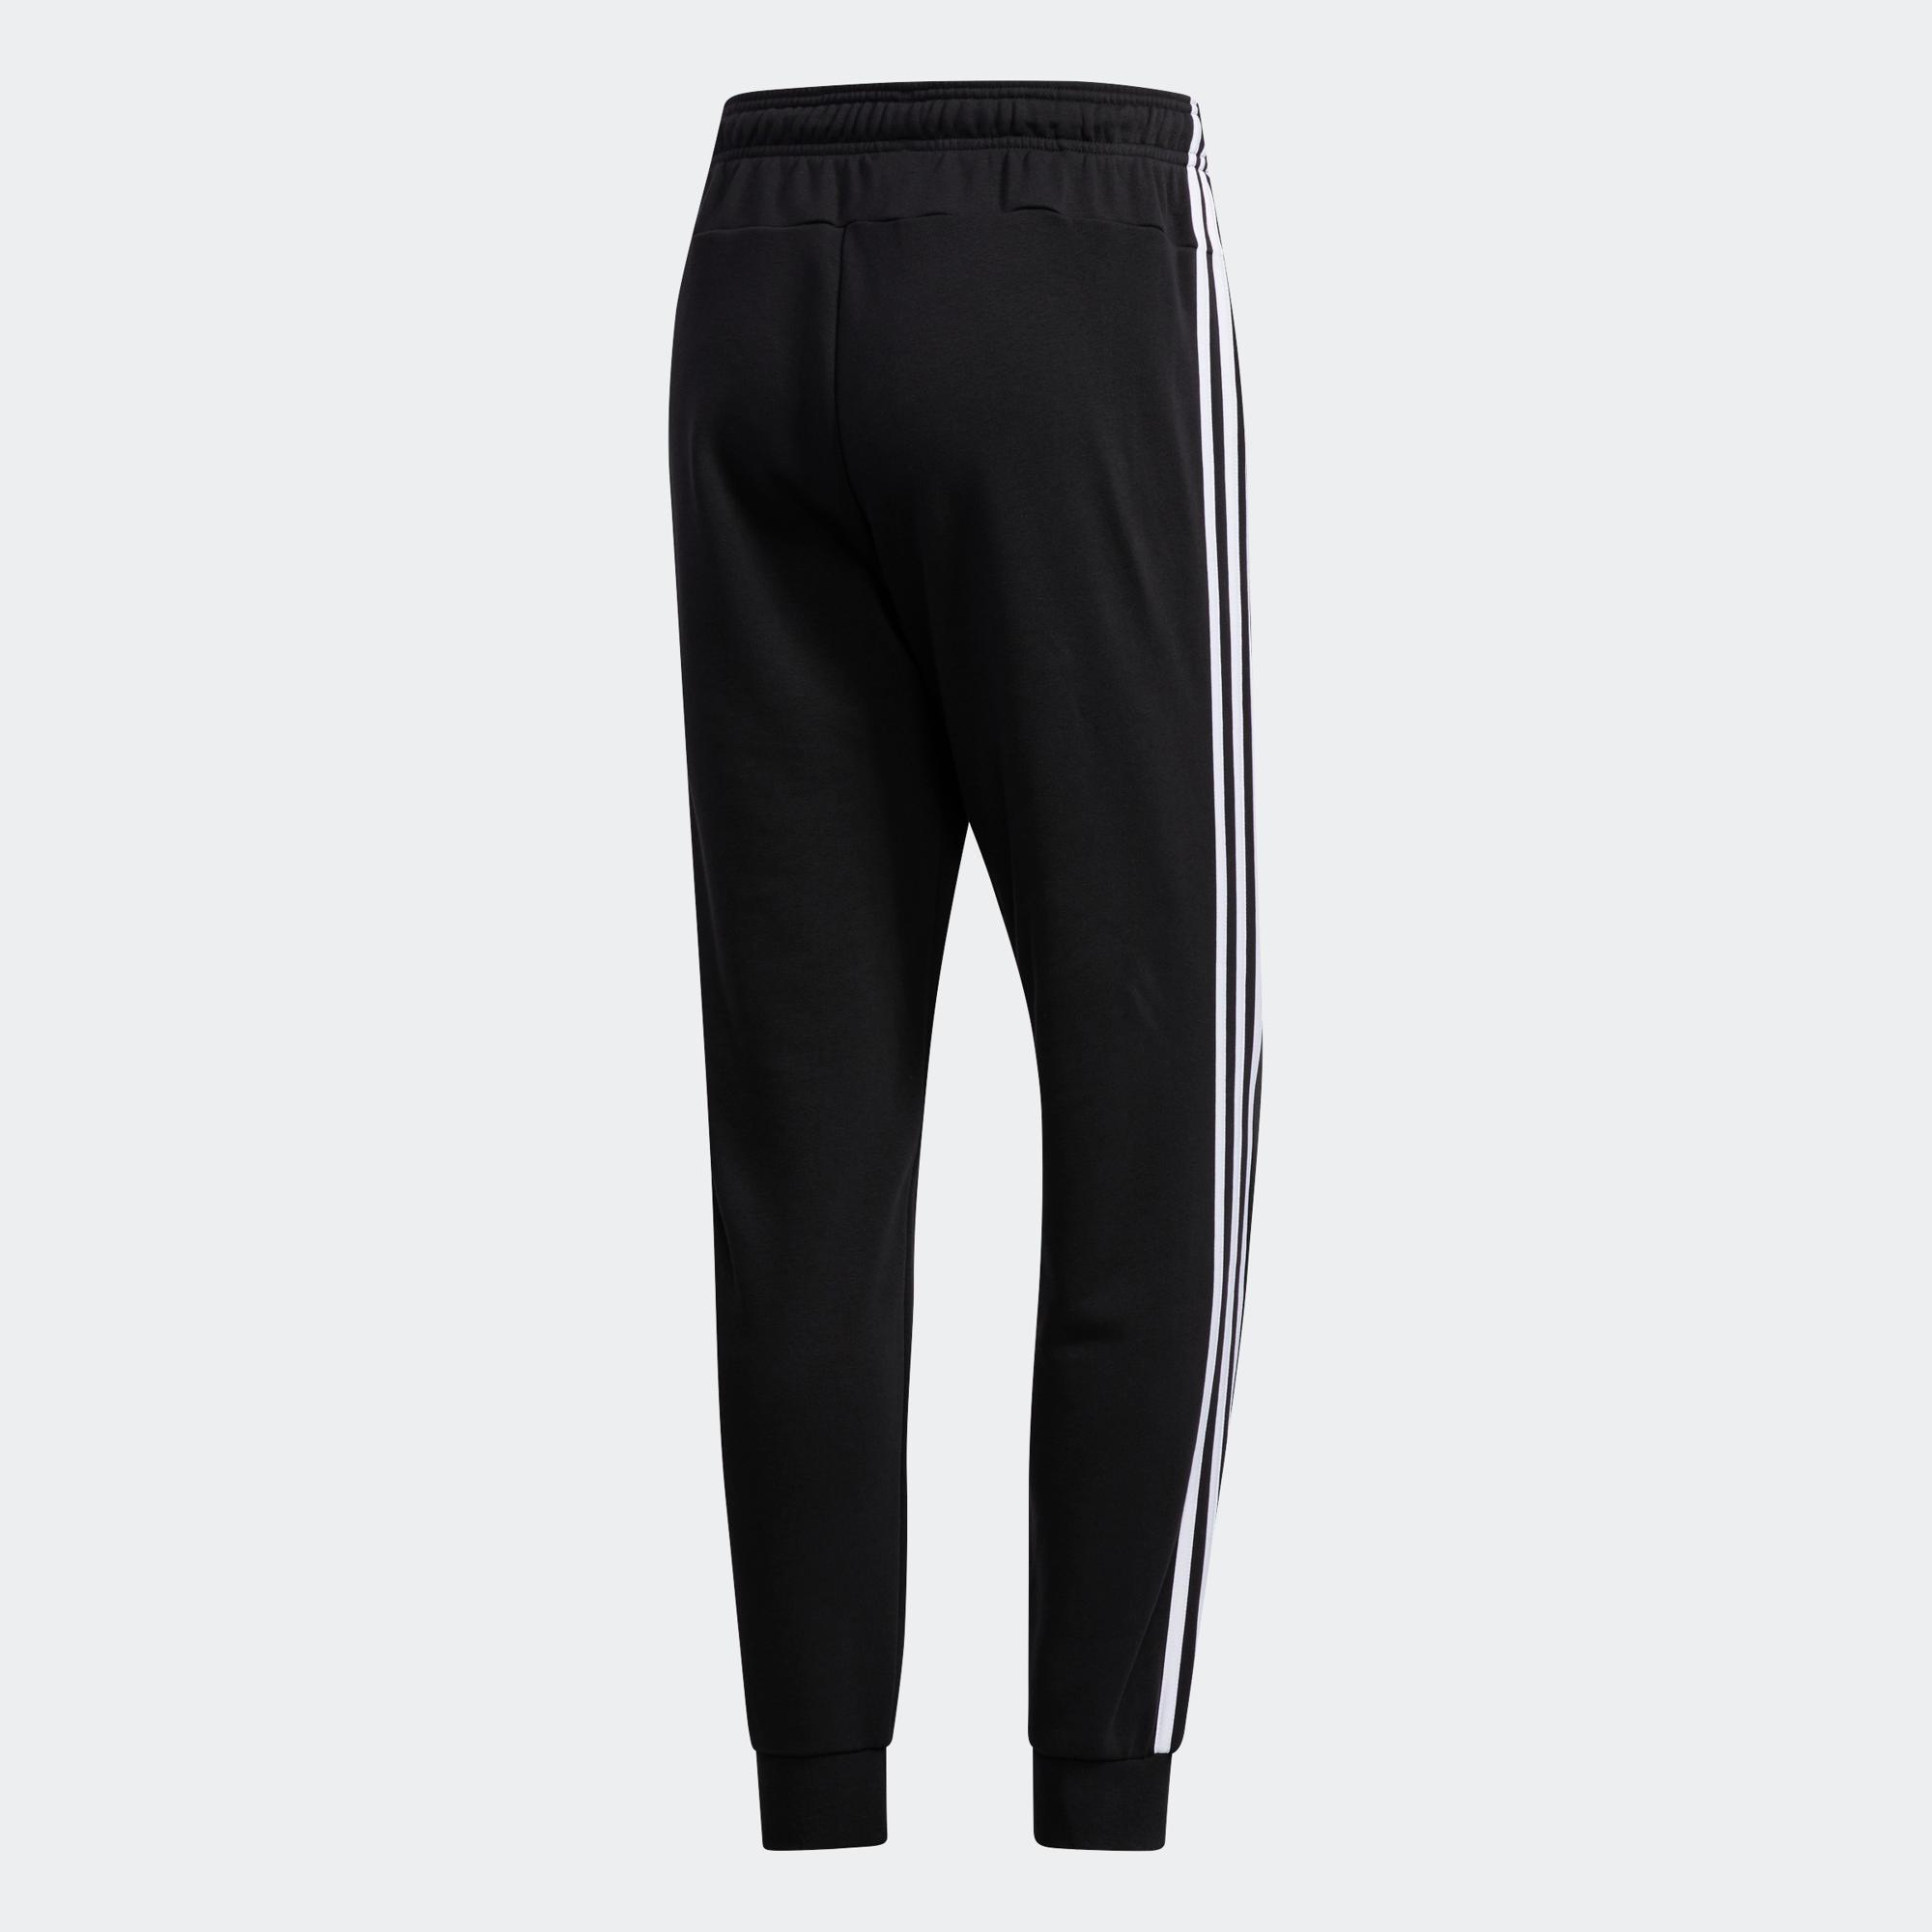 Pantalon de survêtement Adidas homme 3 bandes